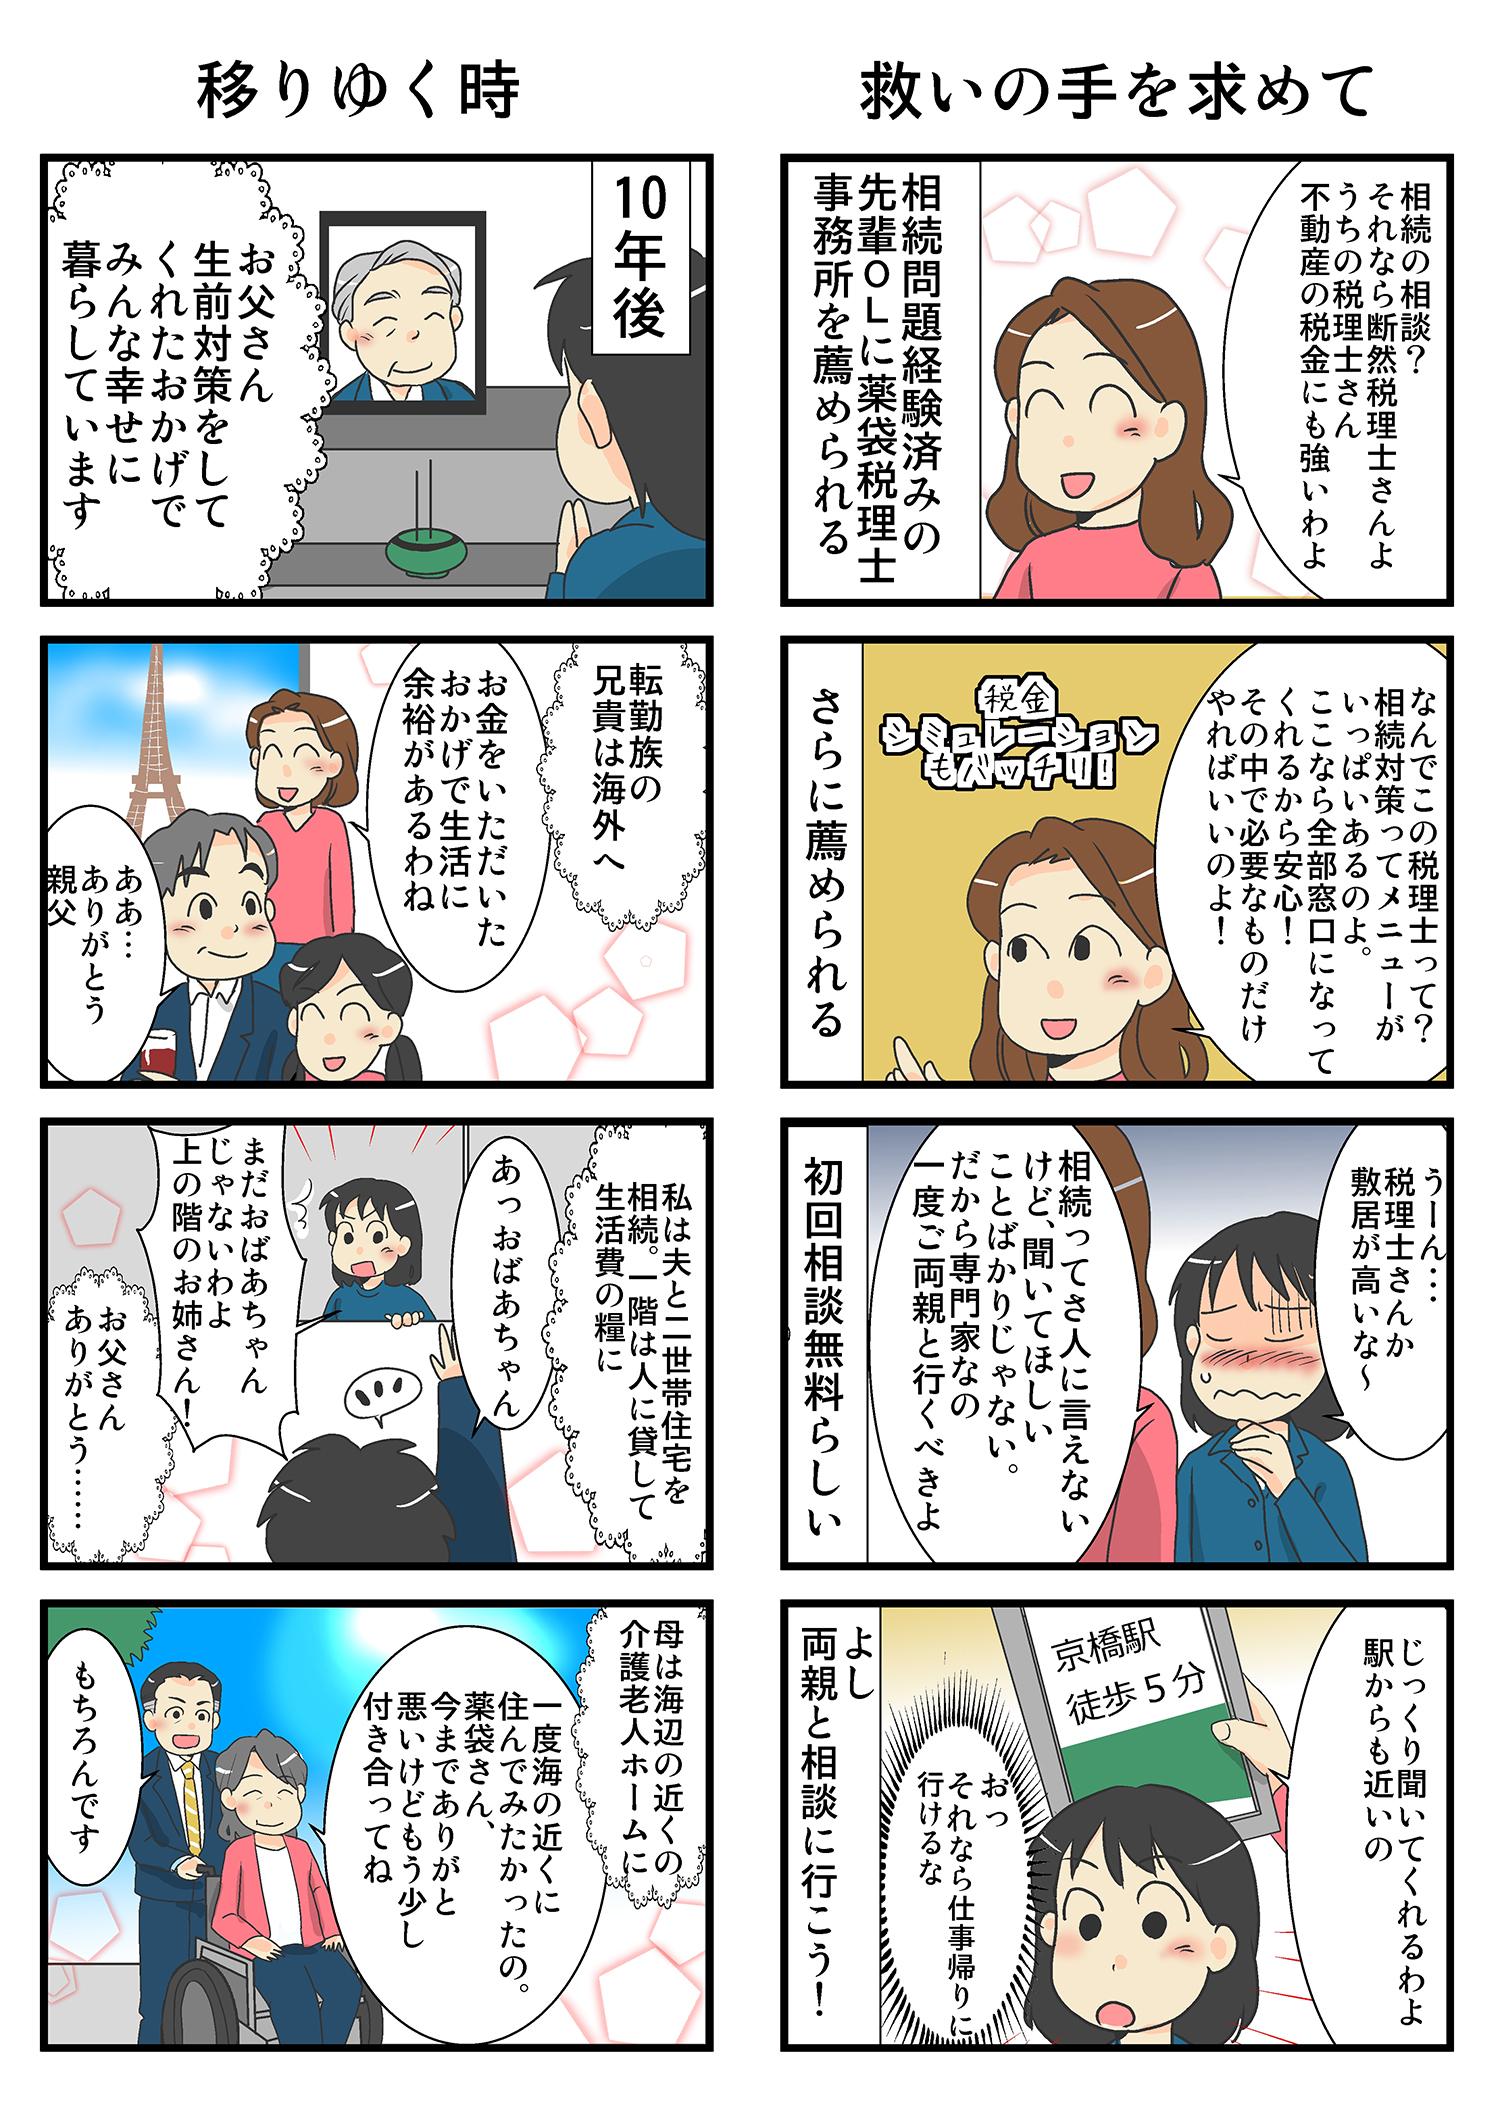 漫画で分かる生前対策